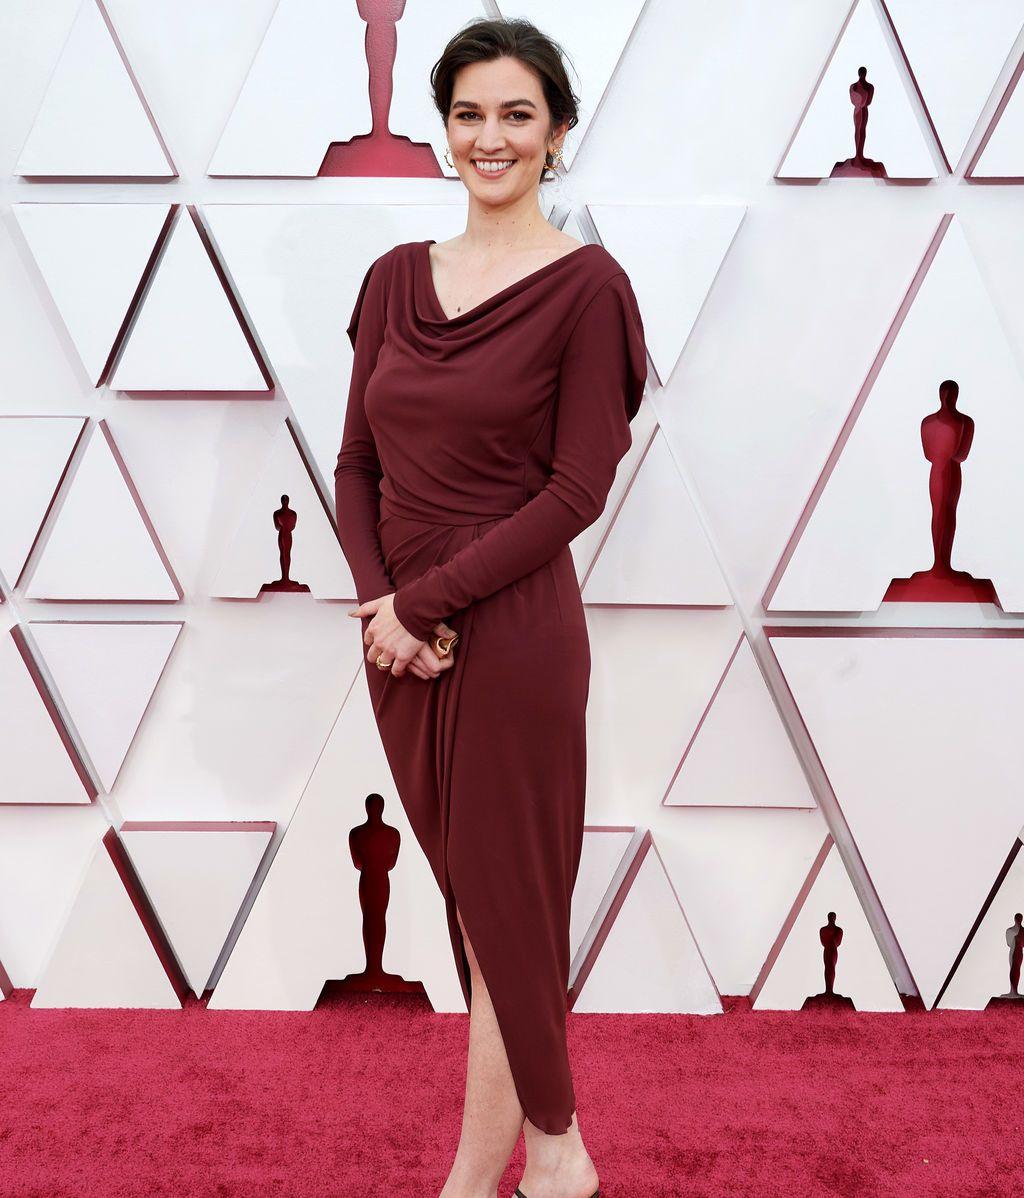 Madeline Sharafian desfila en la alfombra roja de Union Station, la estación de autobuses de Los Ángeles, una de las sedes donde tiene lugar la gala de los Premios Oscars 2021